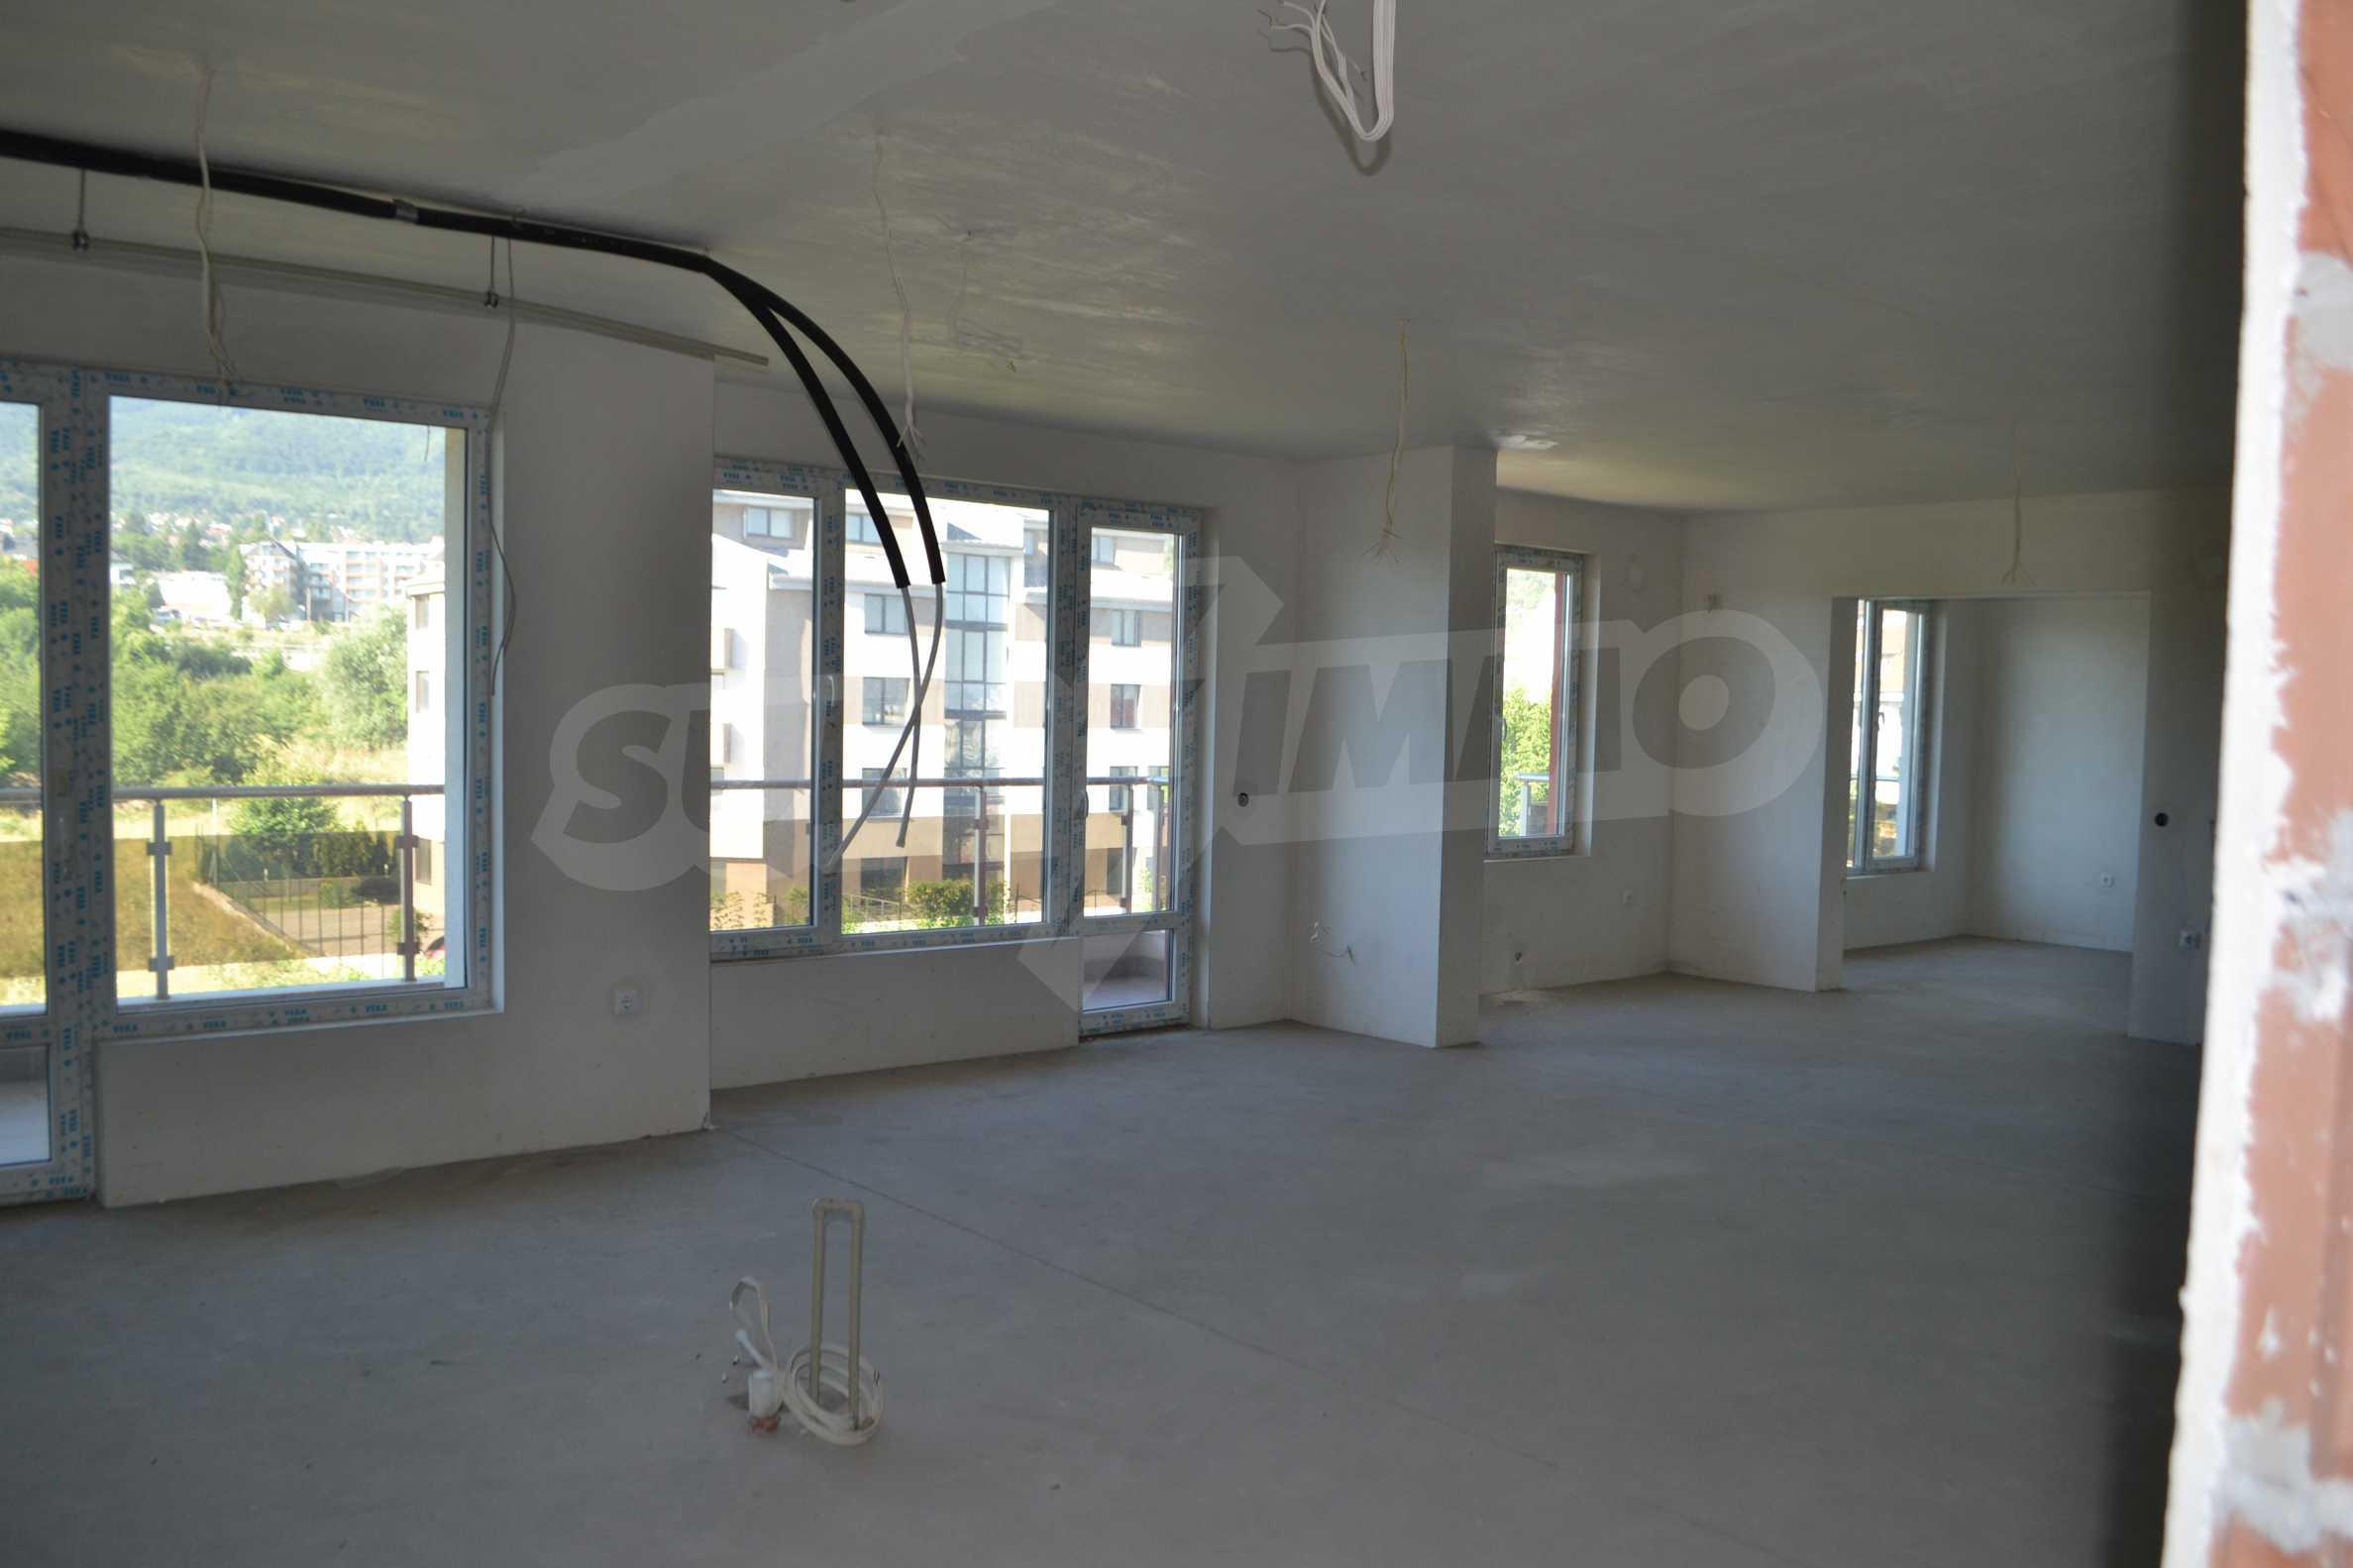 Многостаен апартамент в затворен комплекс, кв. Кръстова вада  6